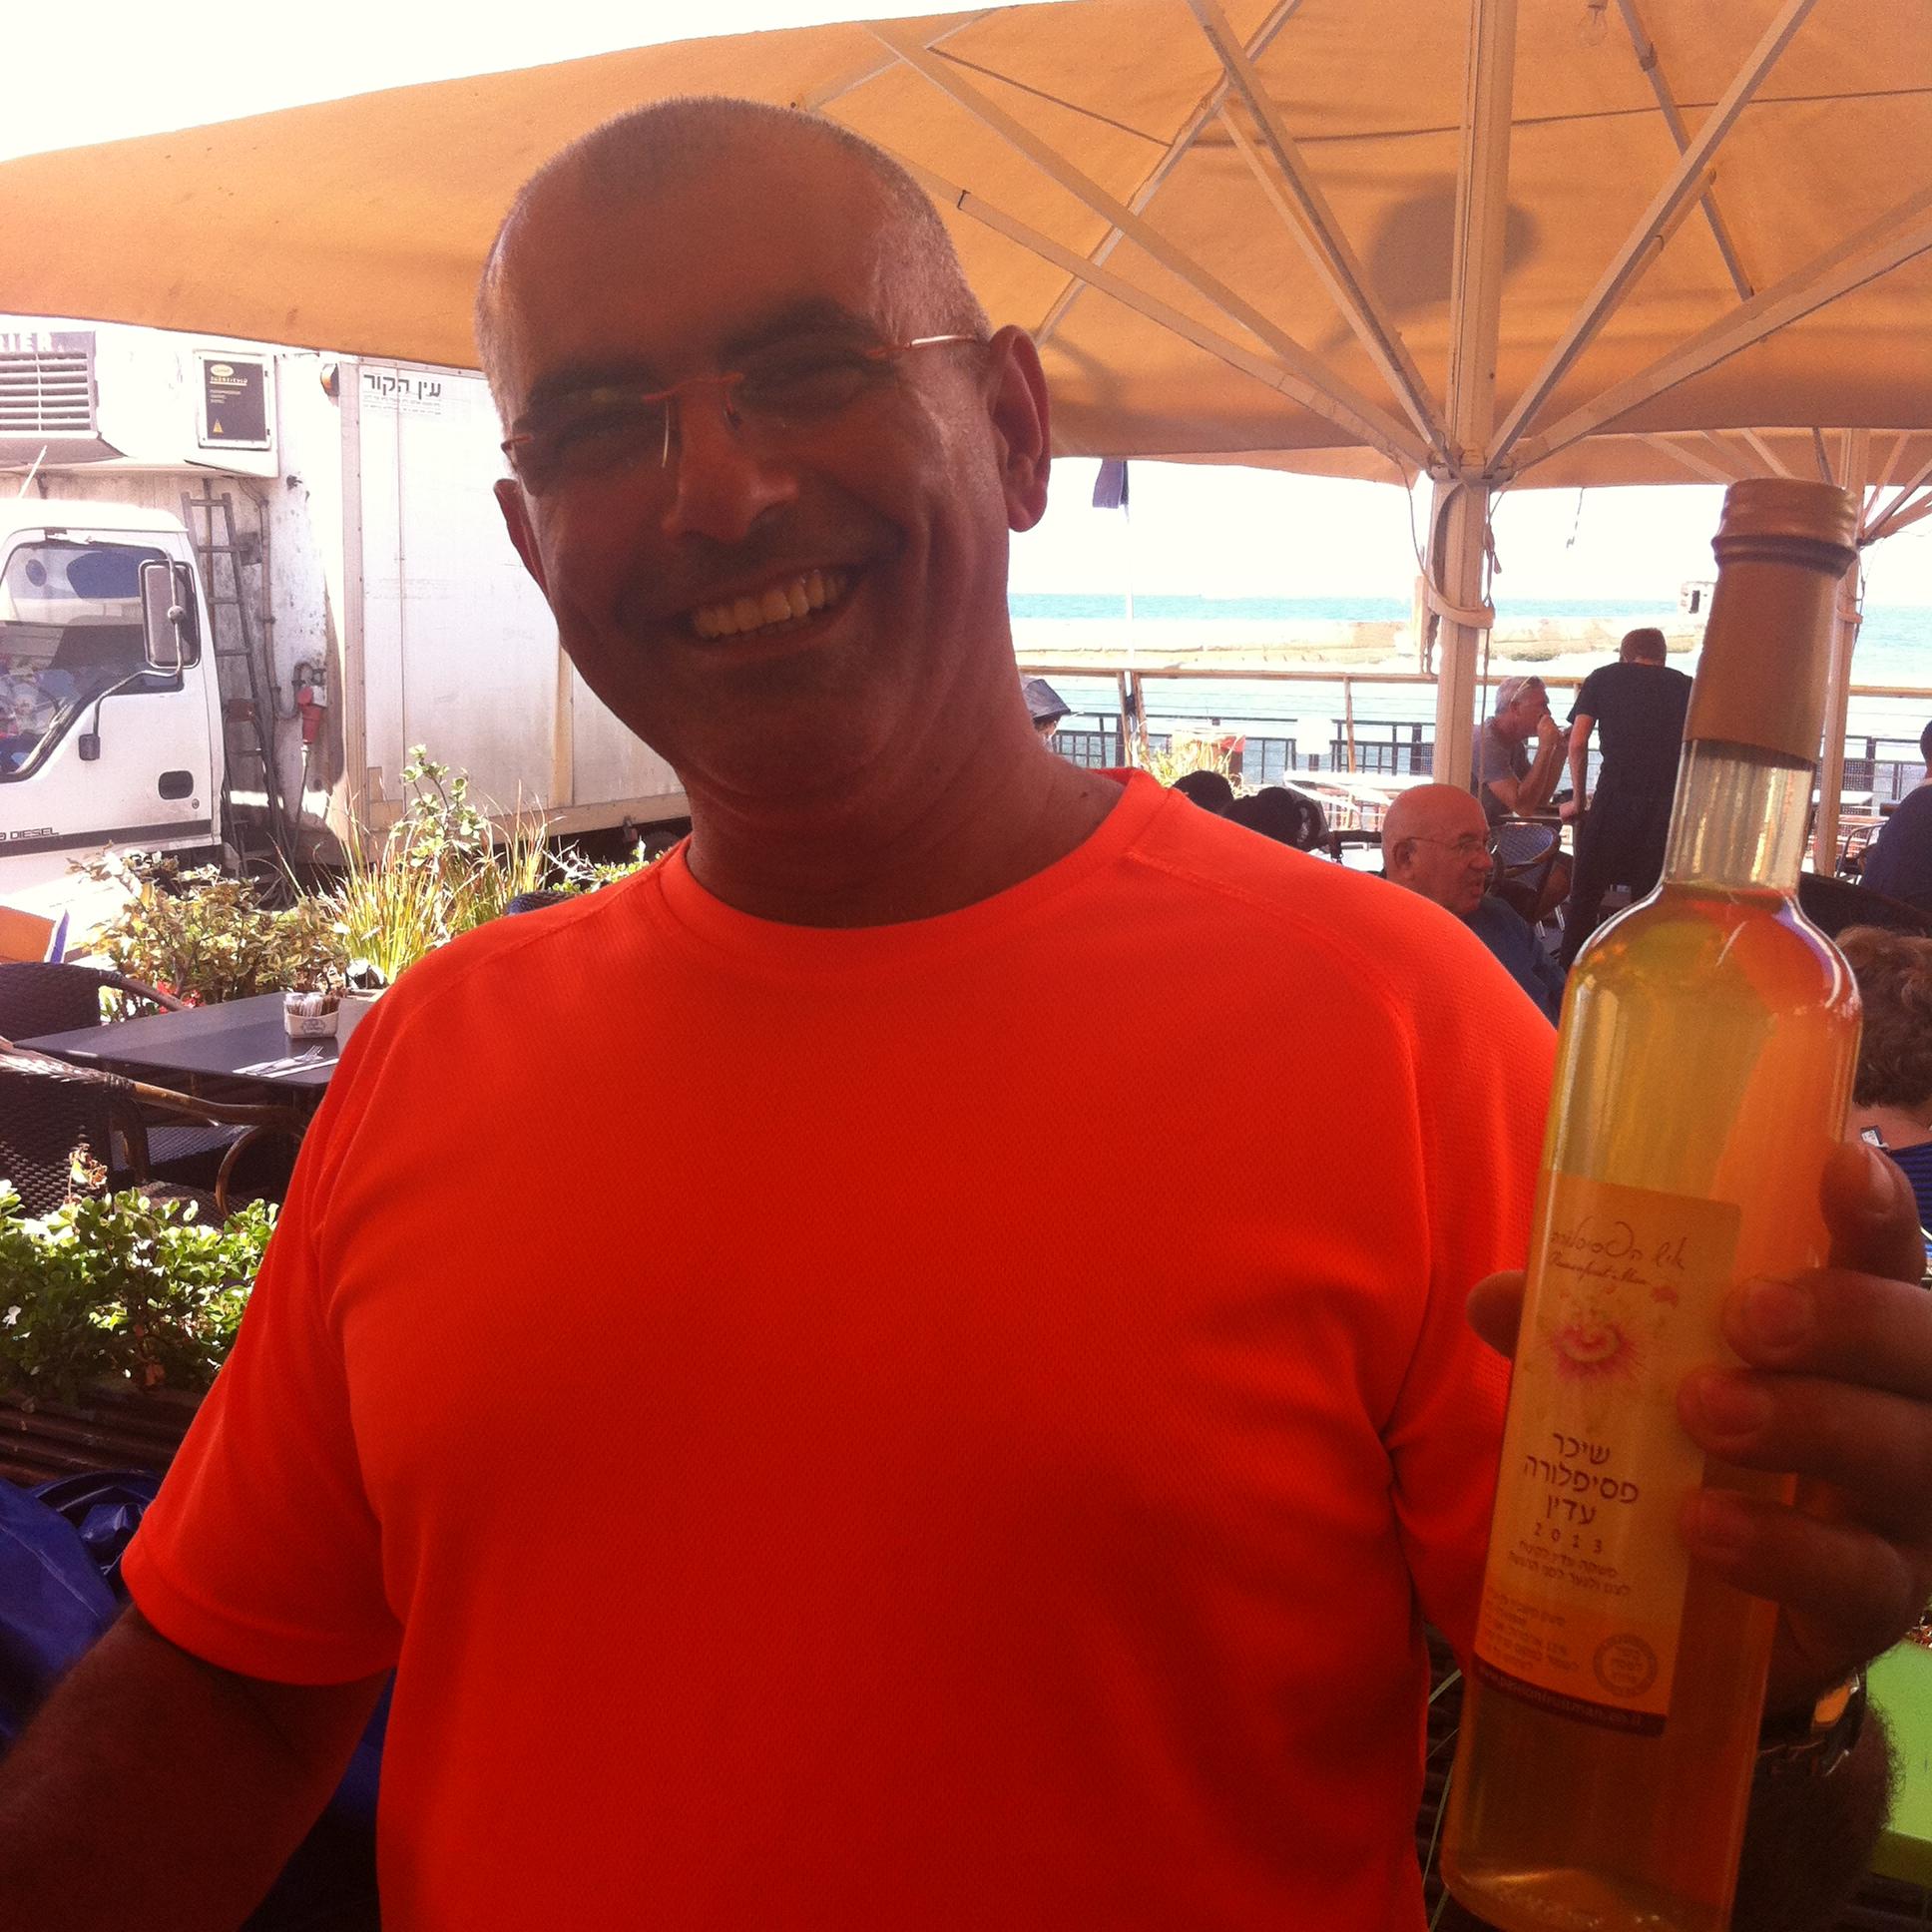 עמירם מוכר ליקר פסיפלורה בשוק האיכרים בתל אביב